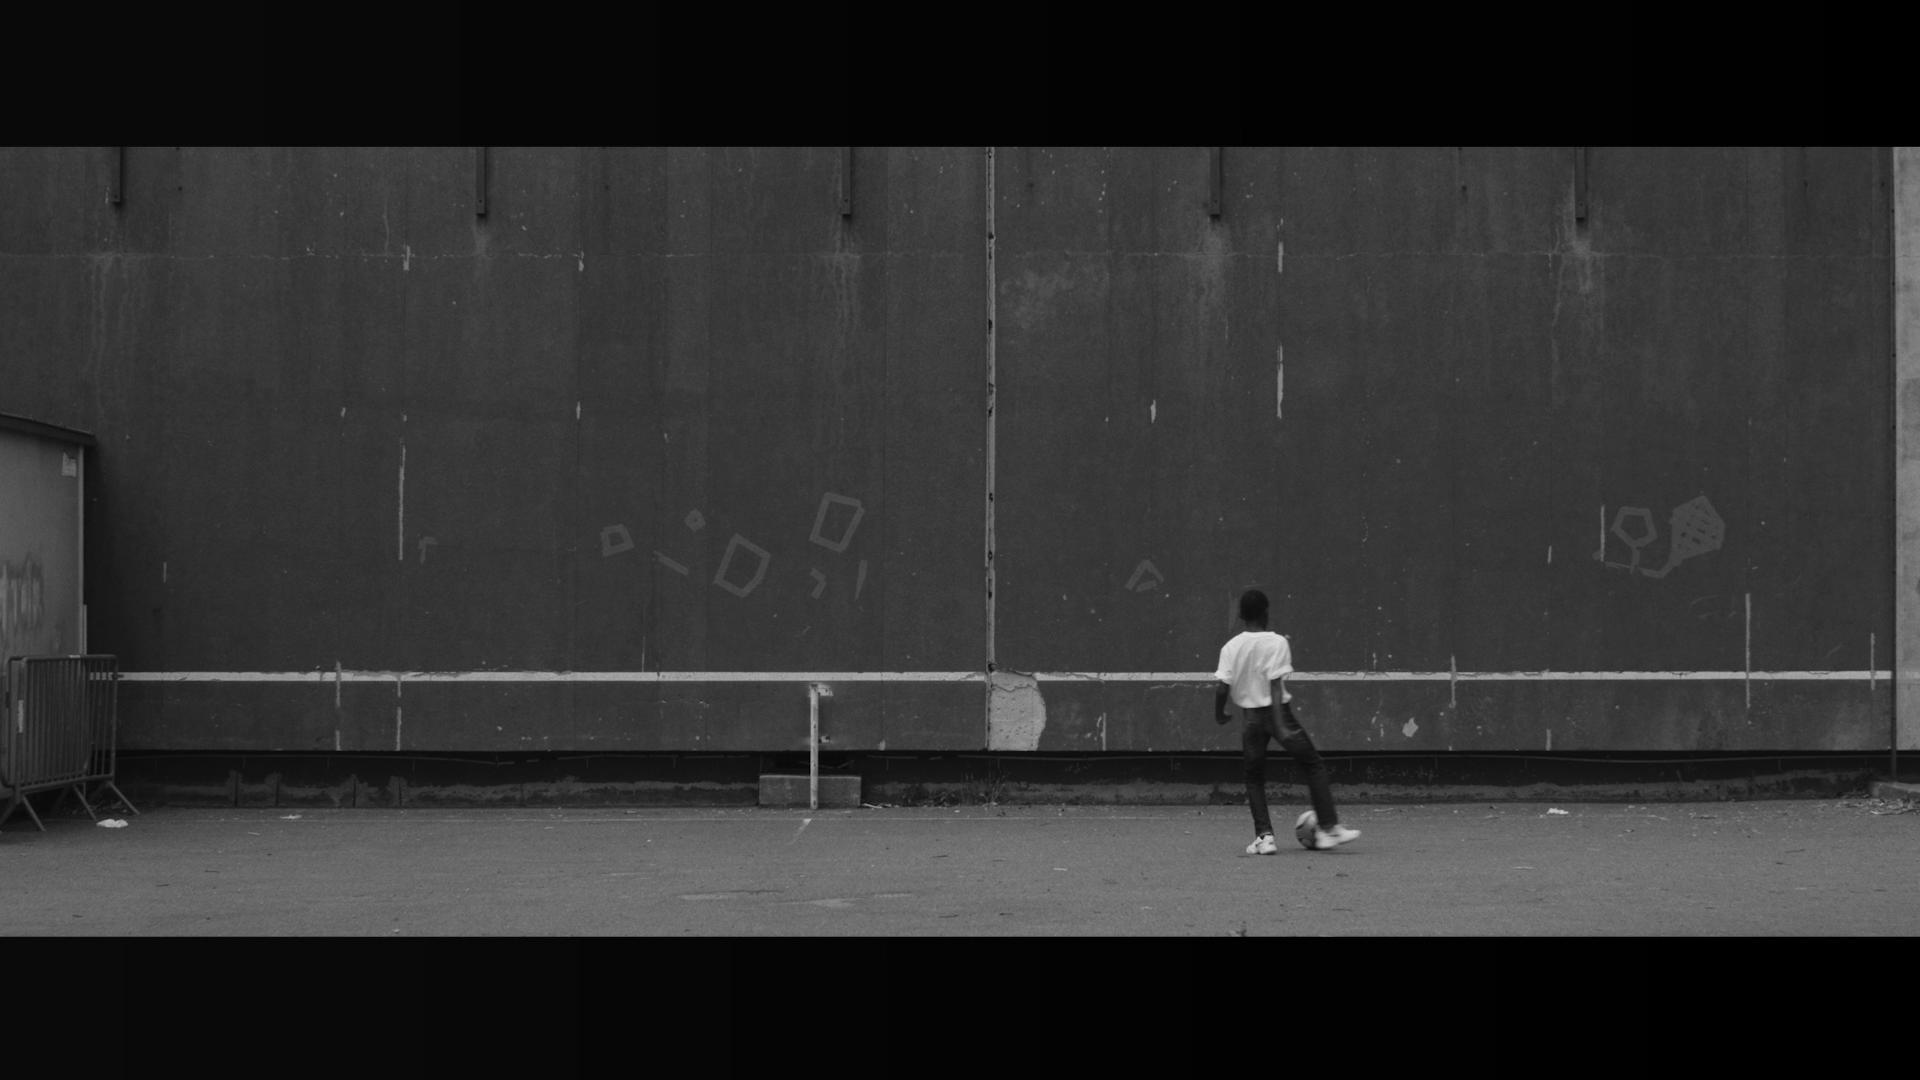 https://vimeo.com/115332585